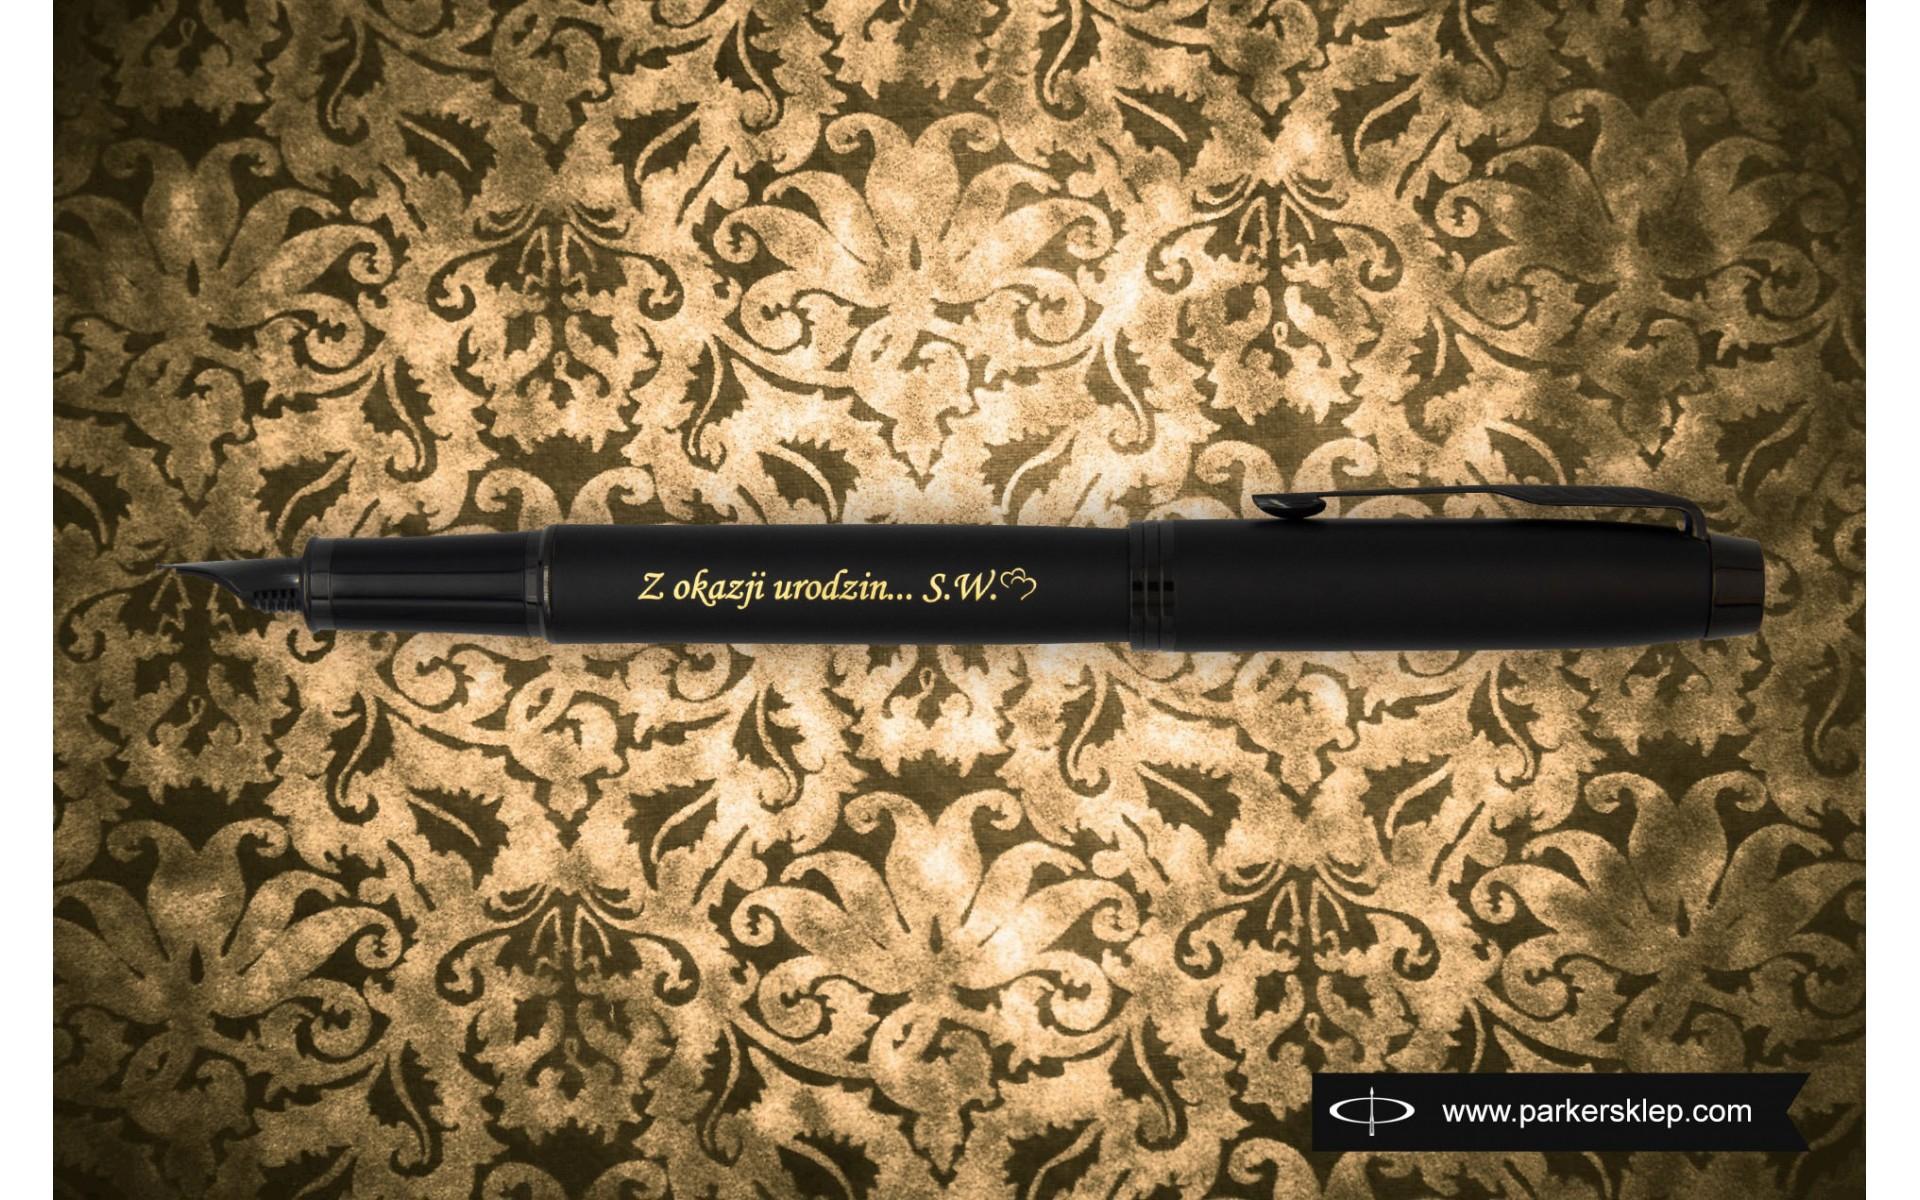 Pióro wieczne Parker IM Achromatic Czarne [212741] z urodzinowym grawerem